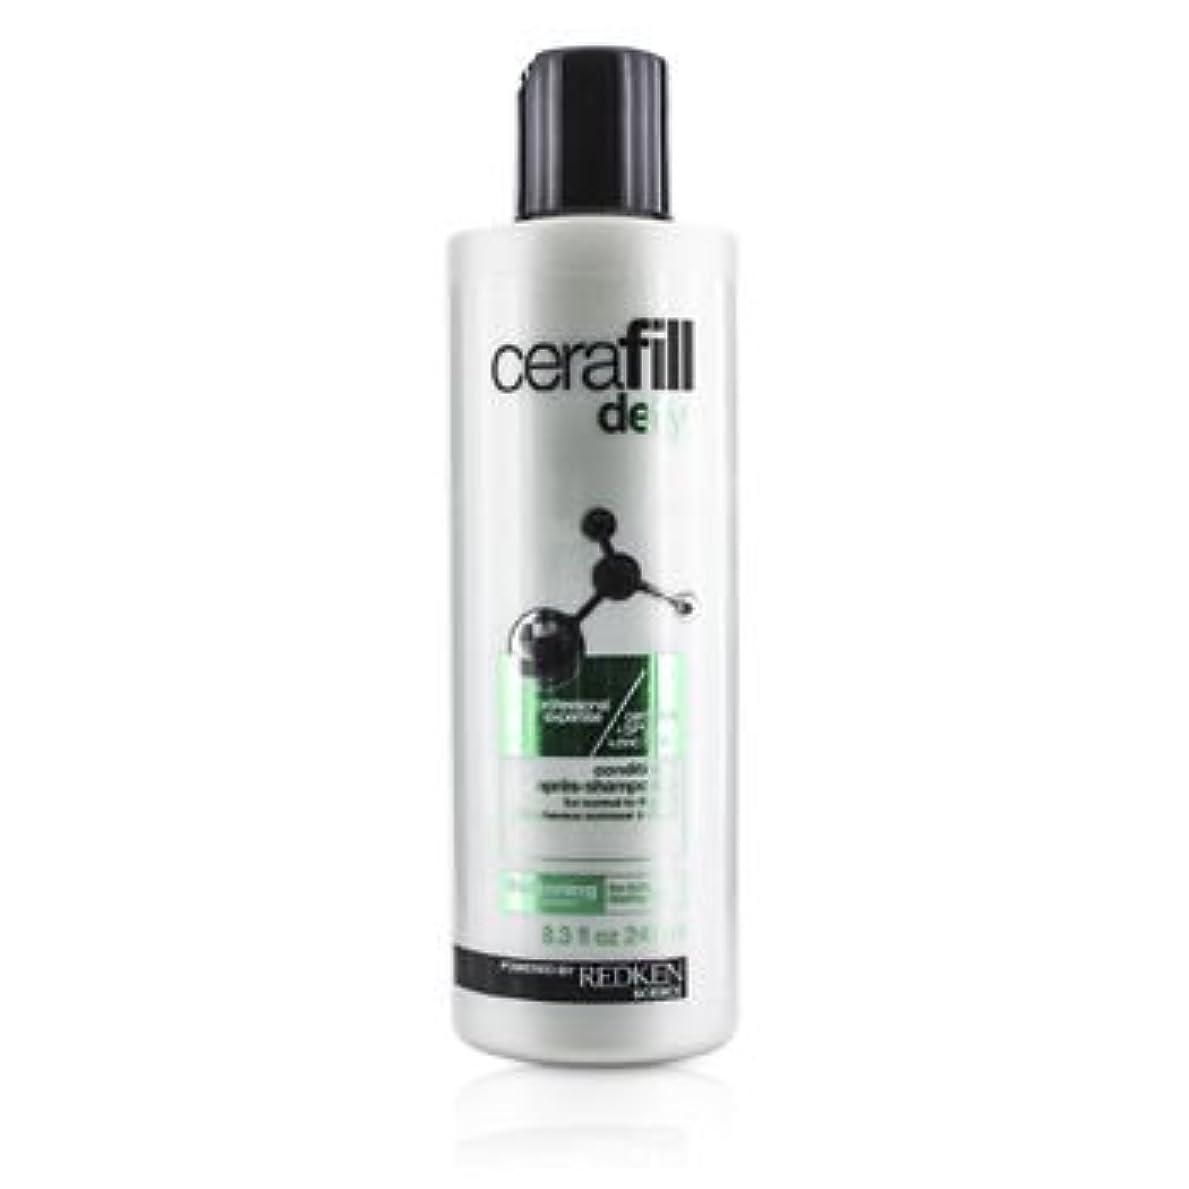 持続する世界に死んだ月面[Redken] Cerafill Defy Thickening Conditioner (For Normal to Thin Hair) 245ml/8.3oz